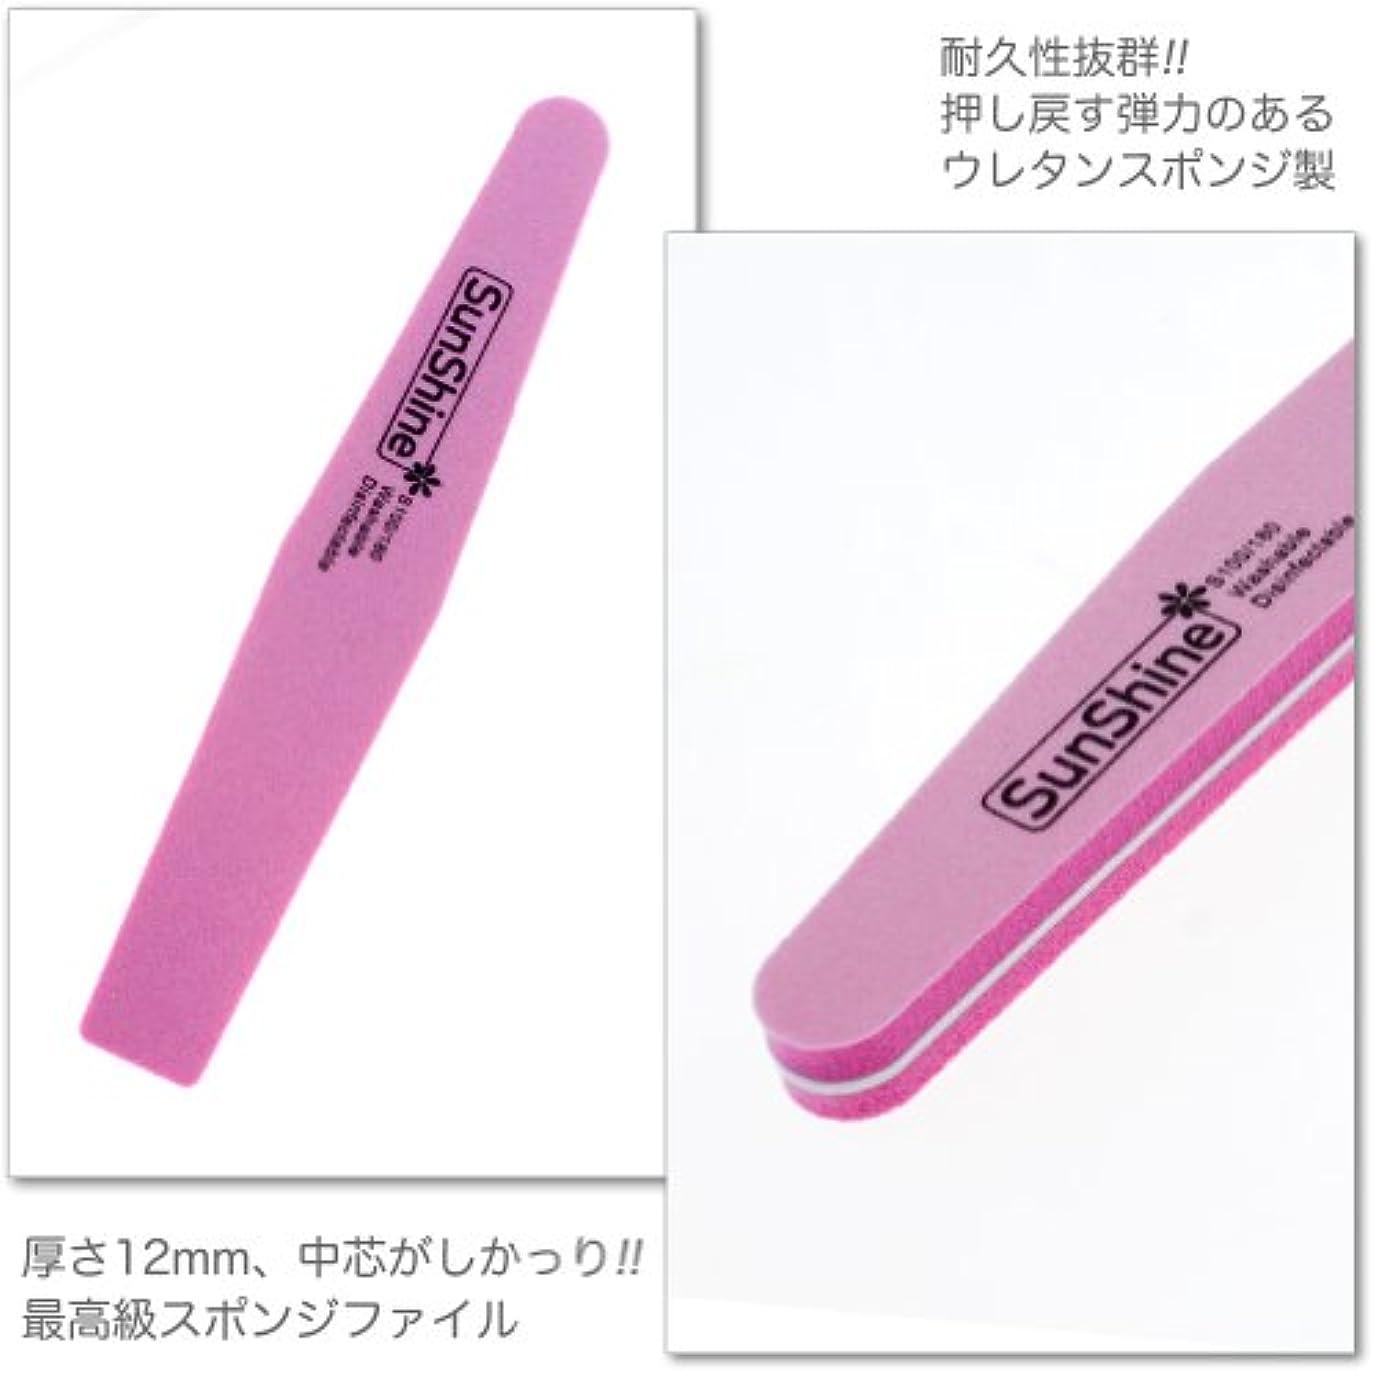 連帯強要ウィザードスポンジネイルファイル 最高級スポンジファイル 100 180G プロ仕様 サロン用 爪磨き